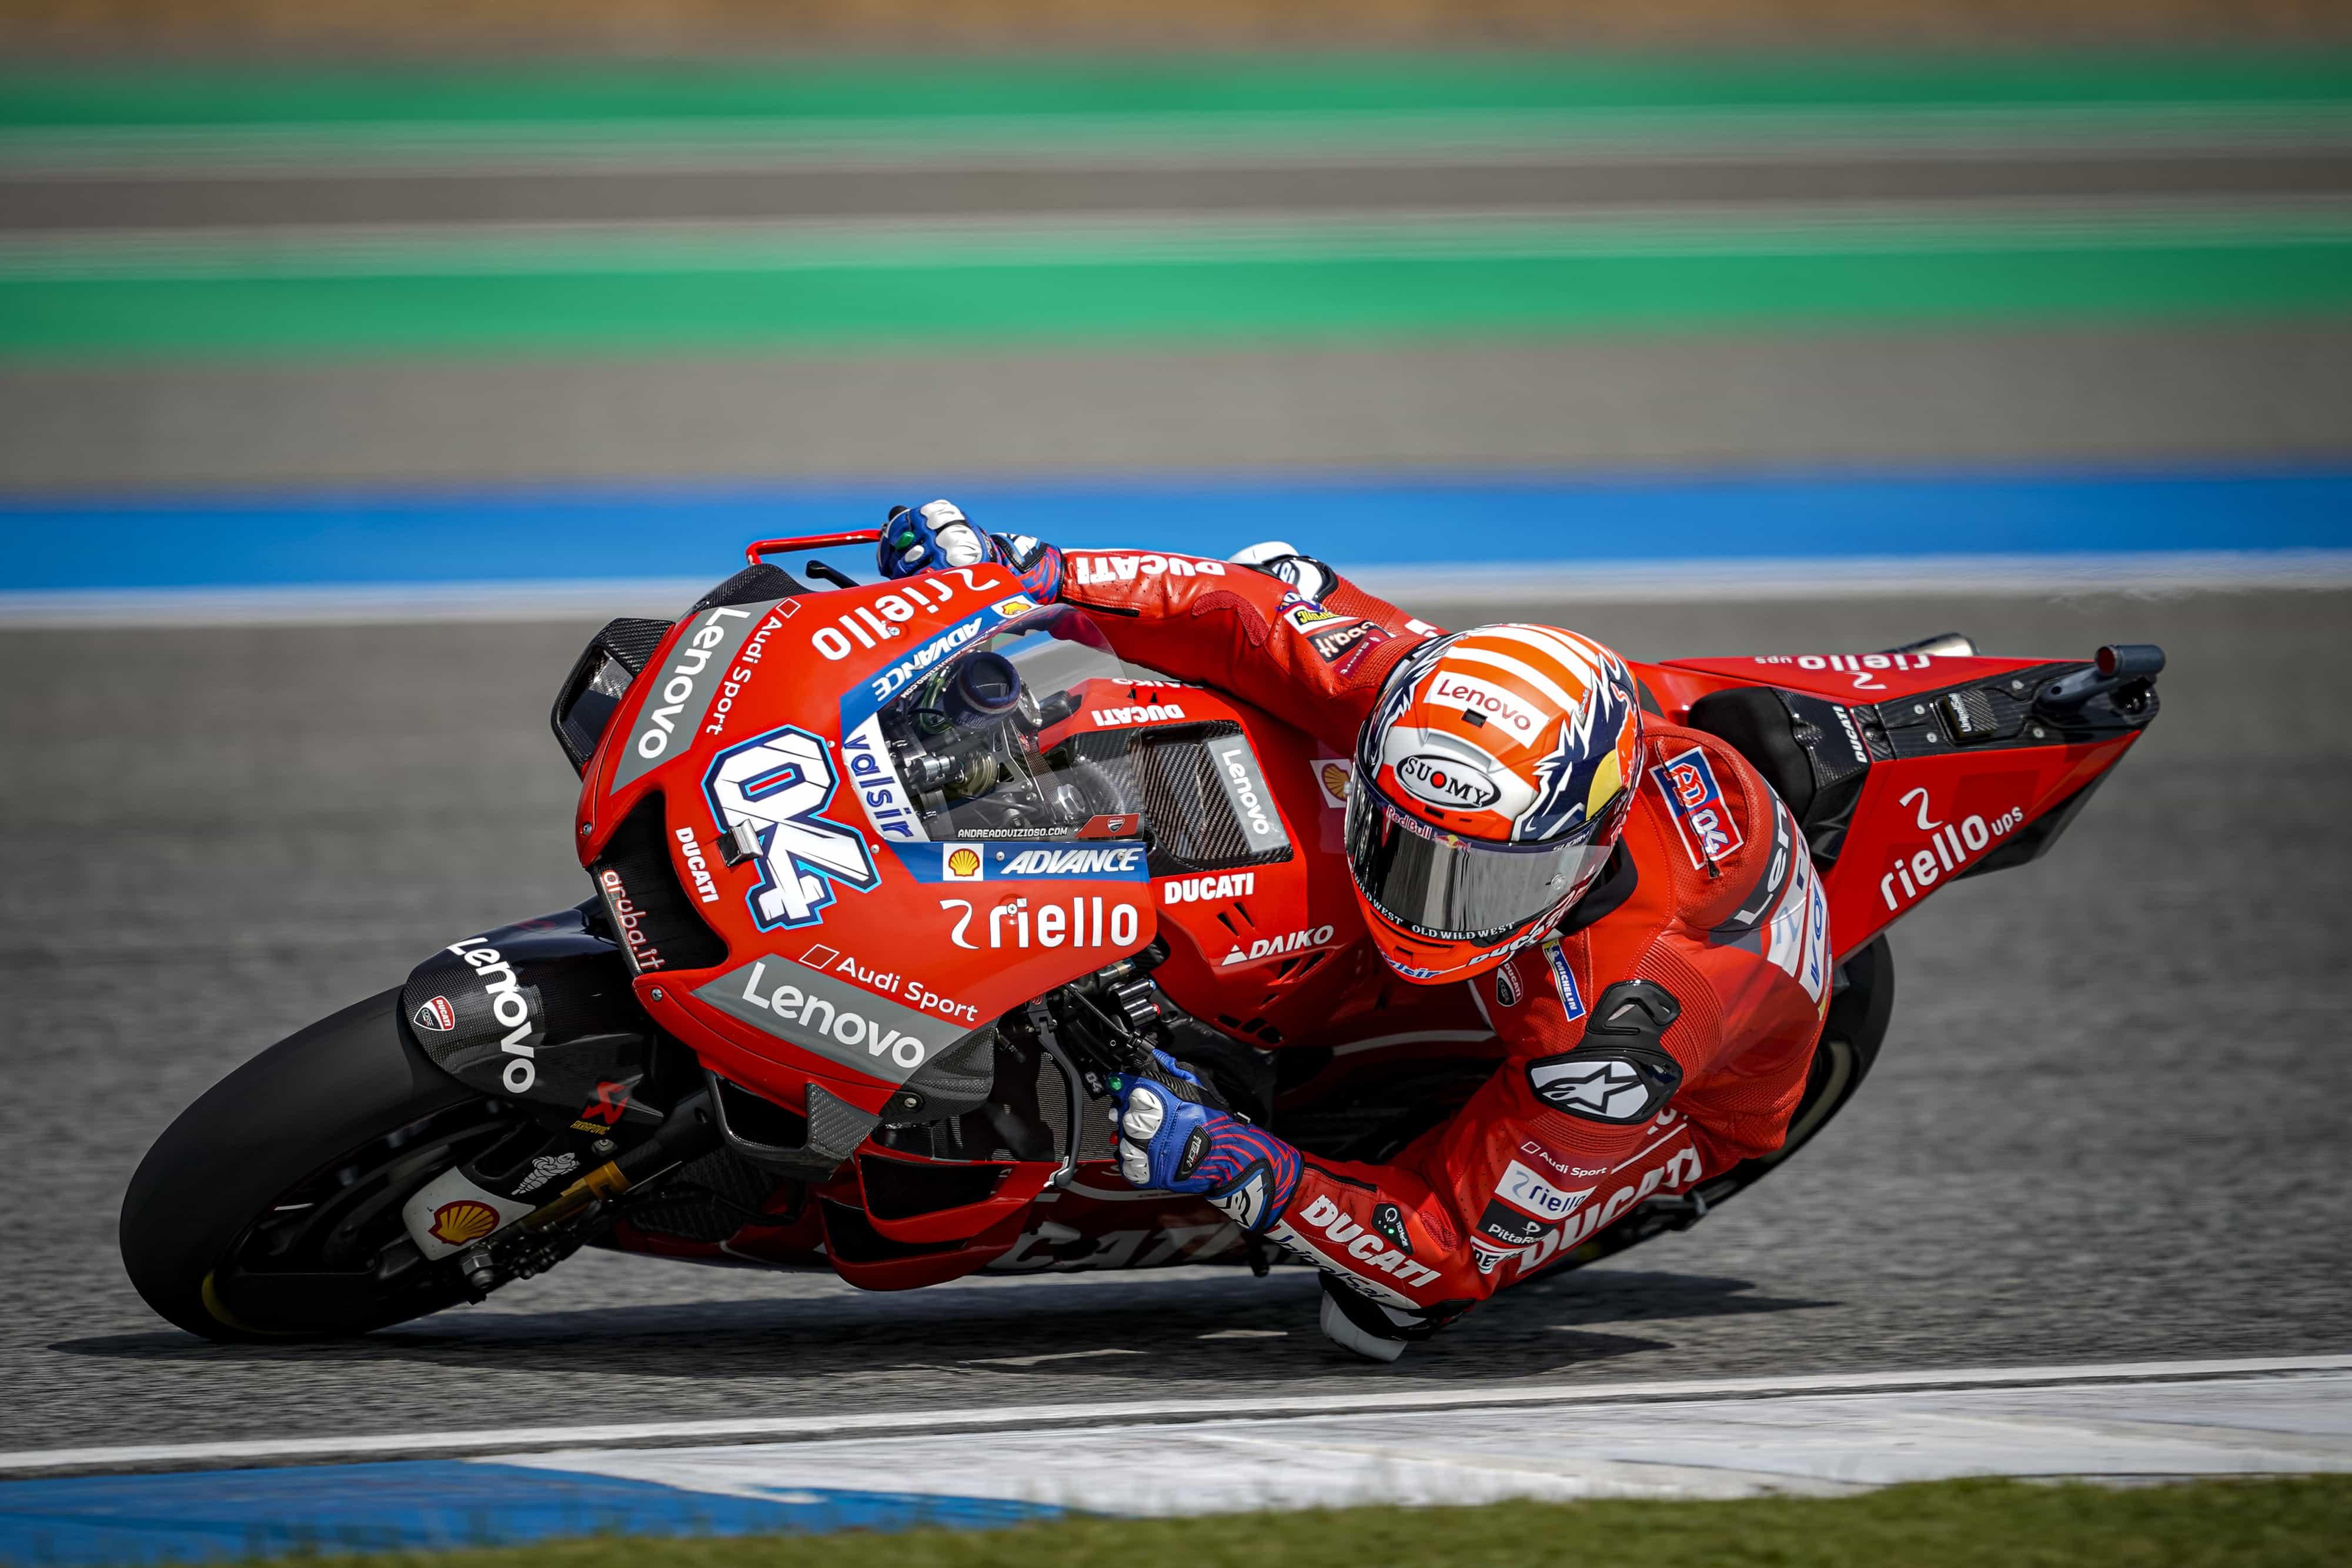 MotoGP2019タイGP 予選7位ドヴィツィオーゾ「良いスタートが出来れば結果を出せる」